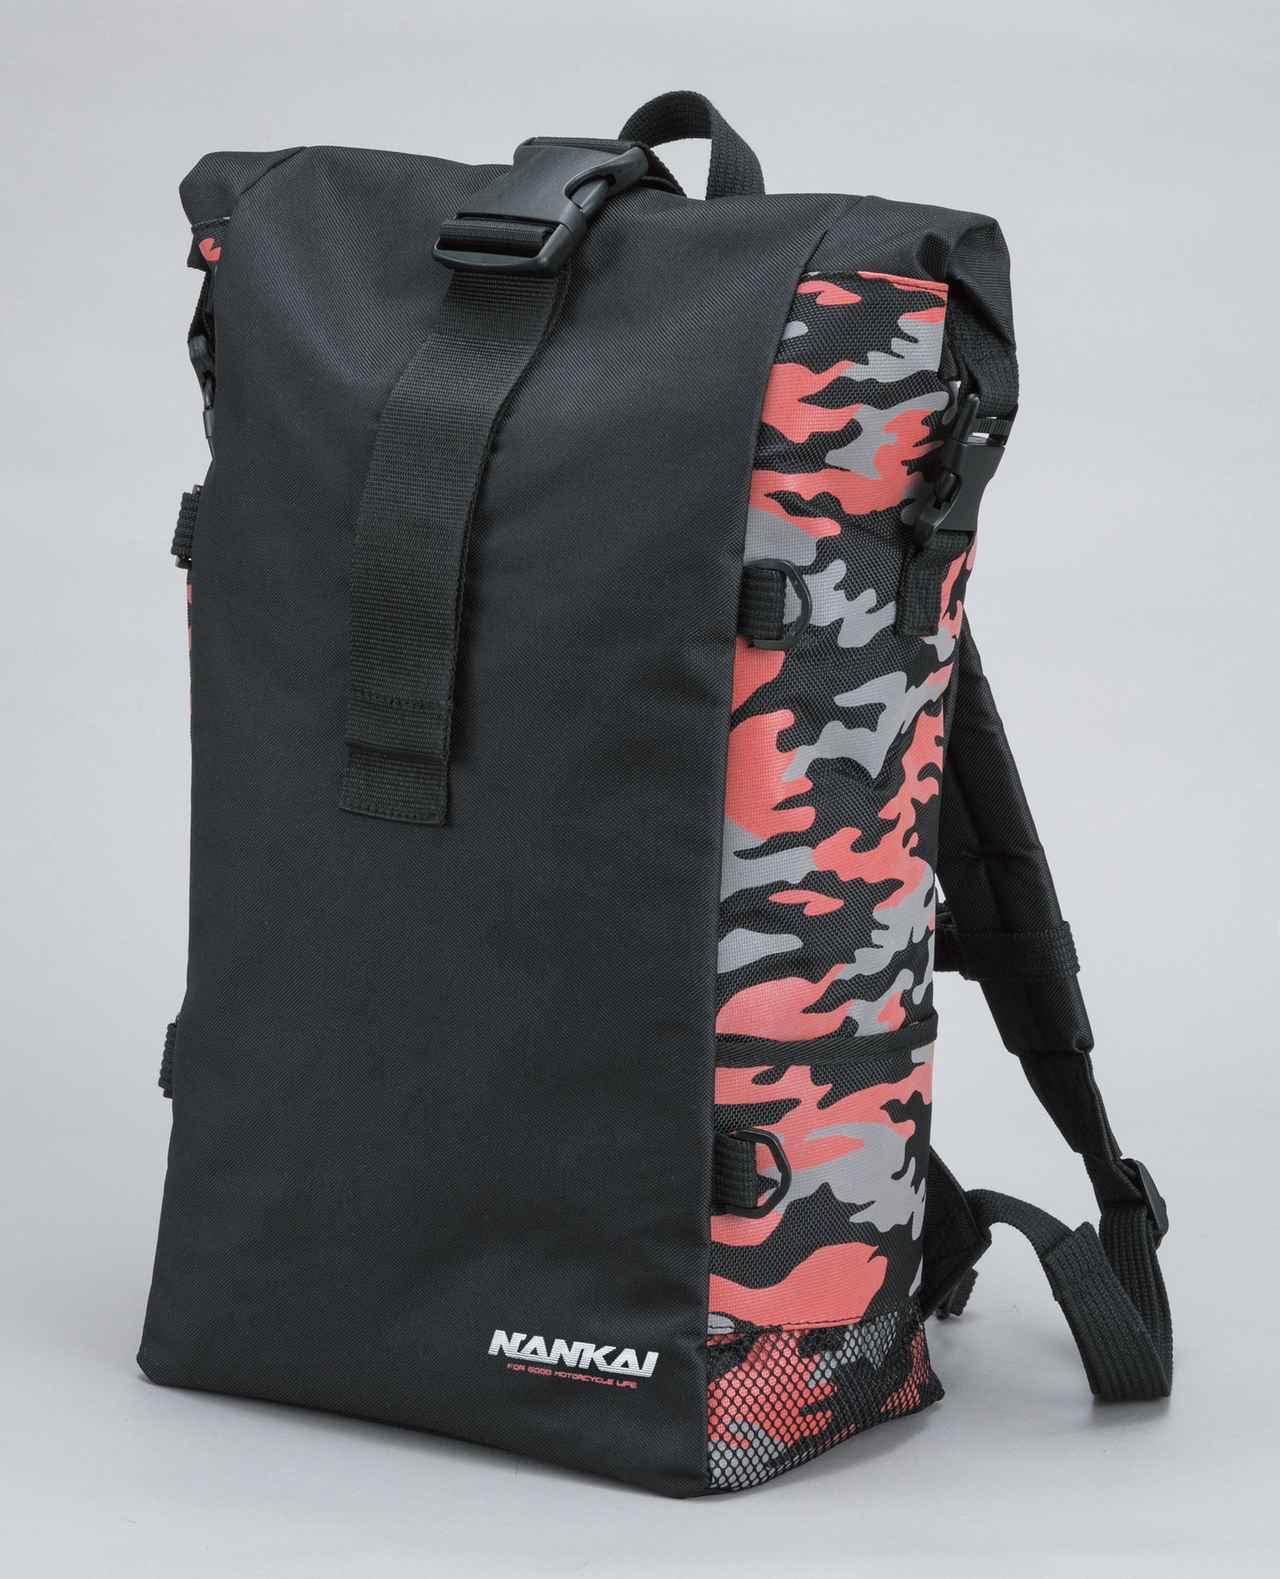 画像1: 【モニタープレゼント その2】 NANKAI BA-608 ウォータープルーフワイルドユースバッグ ¥5,508(税込)